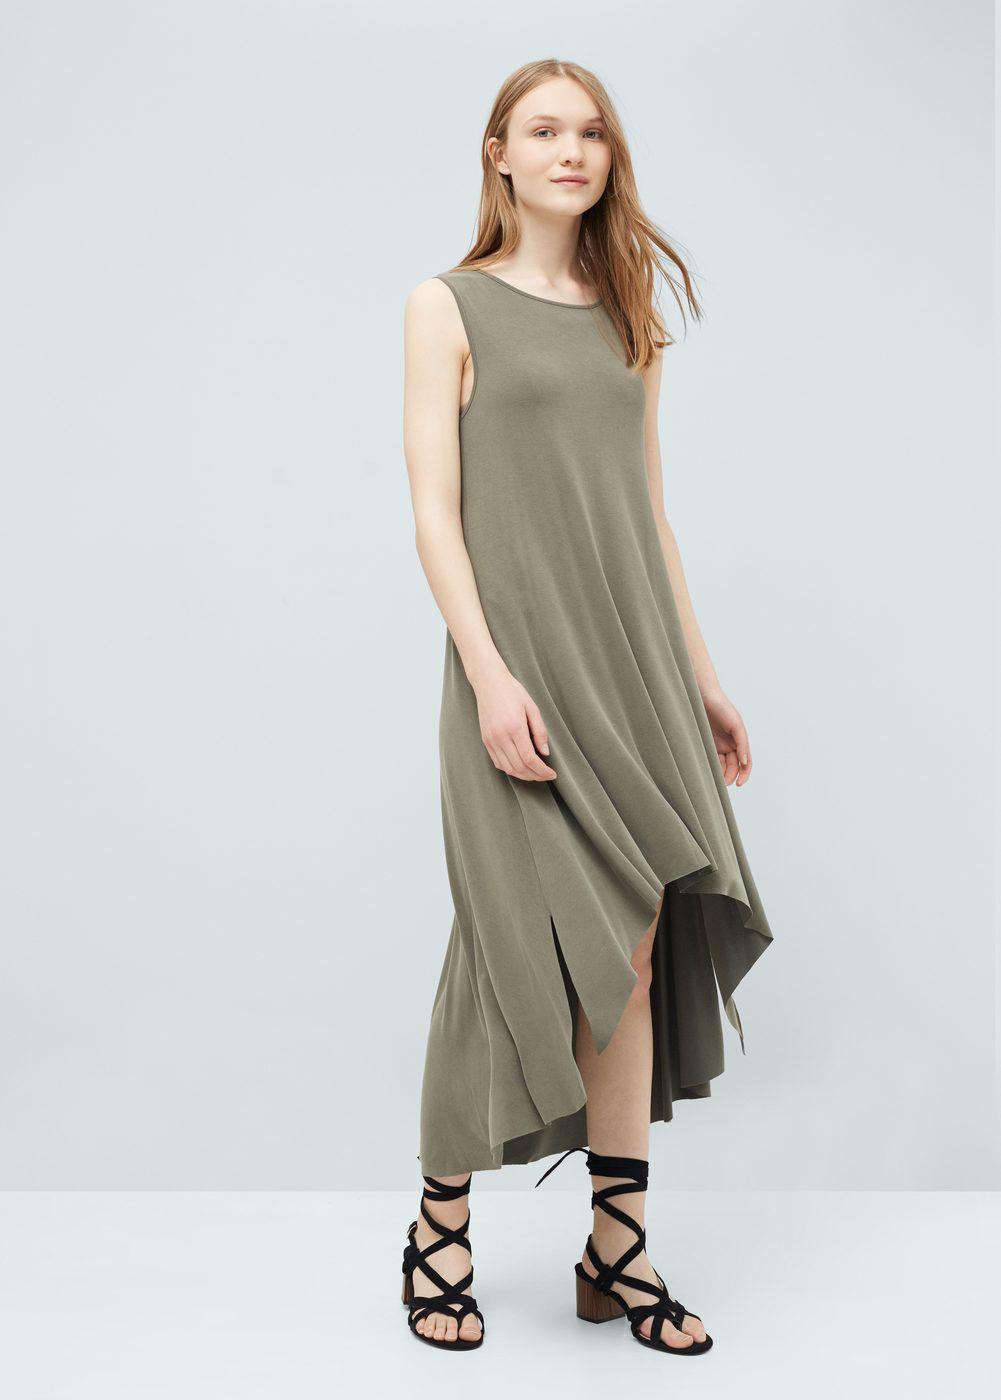 Vestido modal - Mujer | MANGO | Pinterest | Modales, Patrones de ...